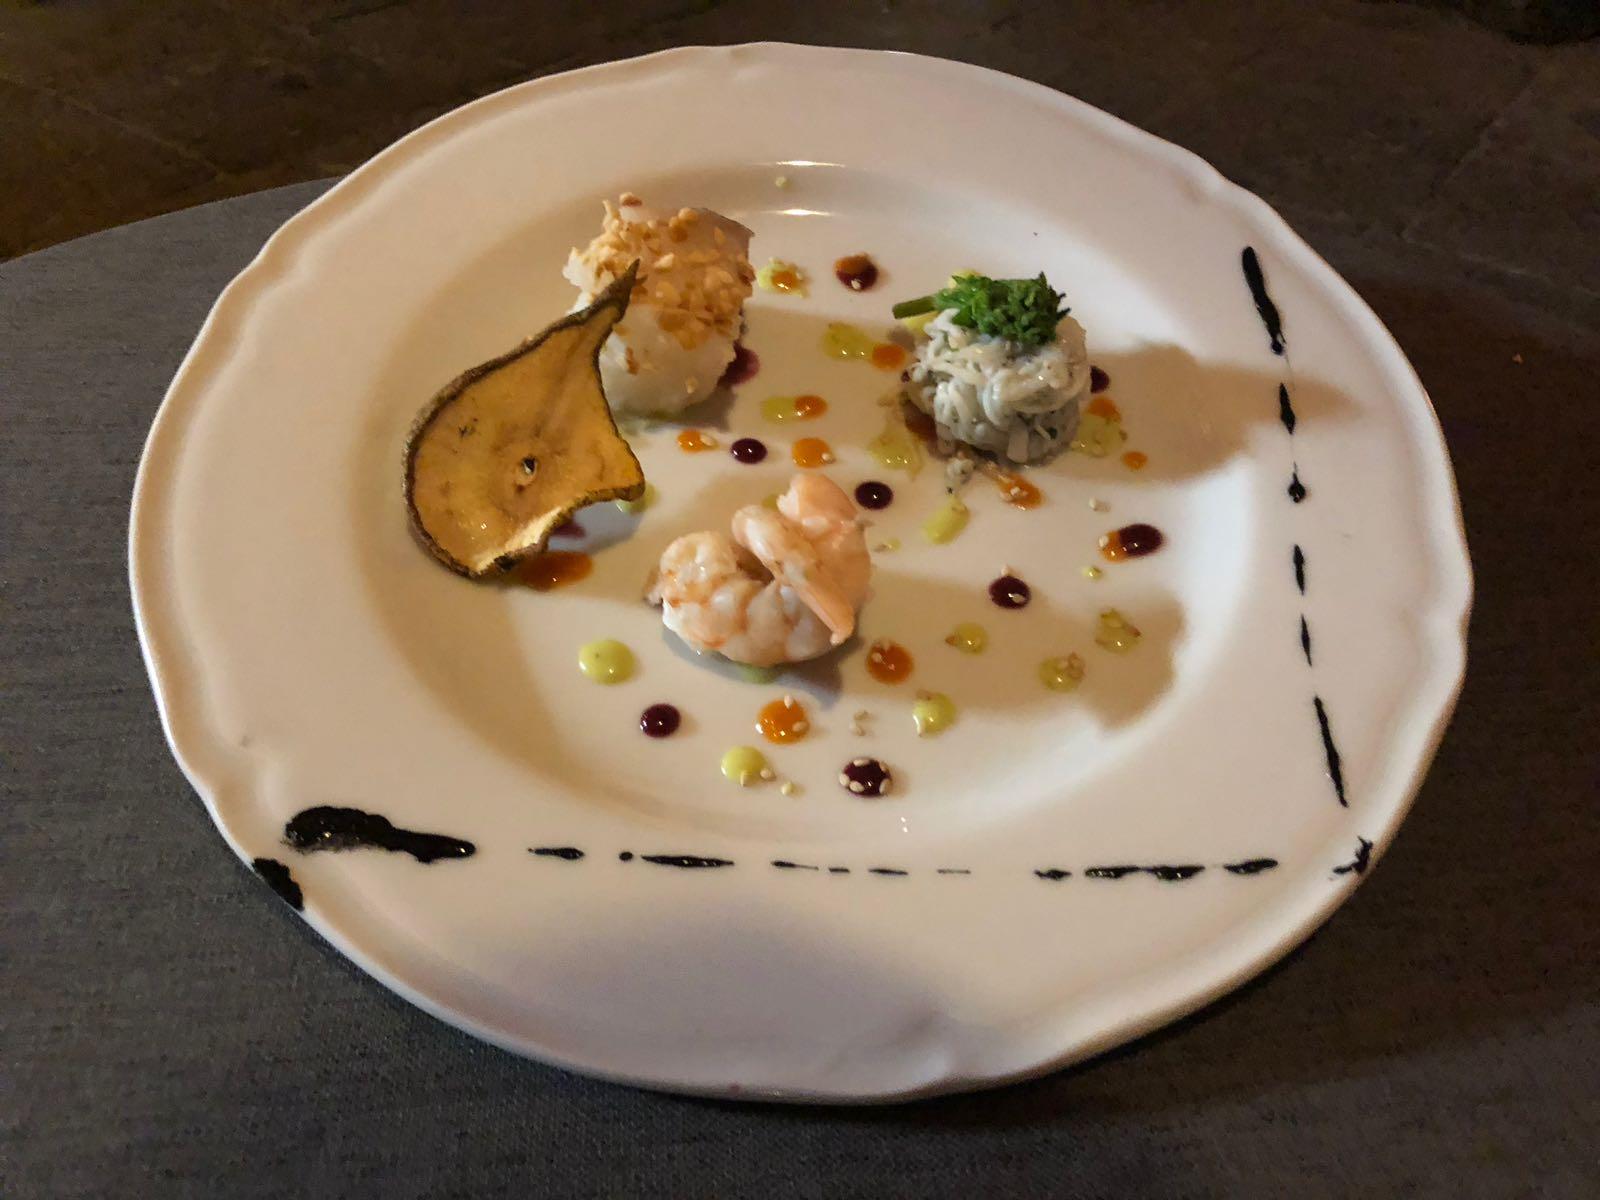 ristorante_le_nuvole_a_ercolano_galleria_foto_ristorante_seconda_portata_3